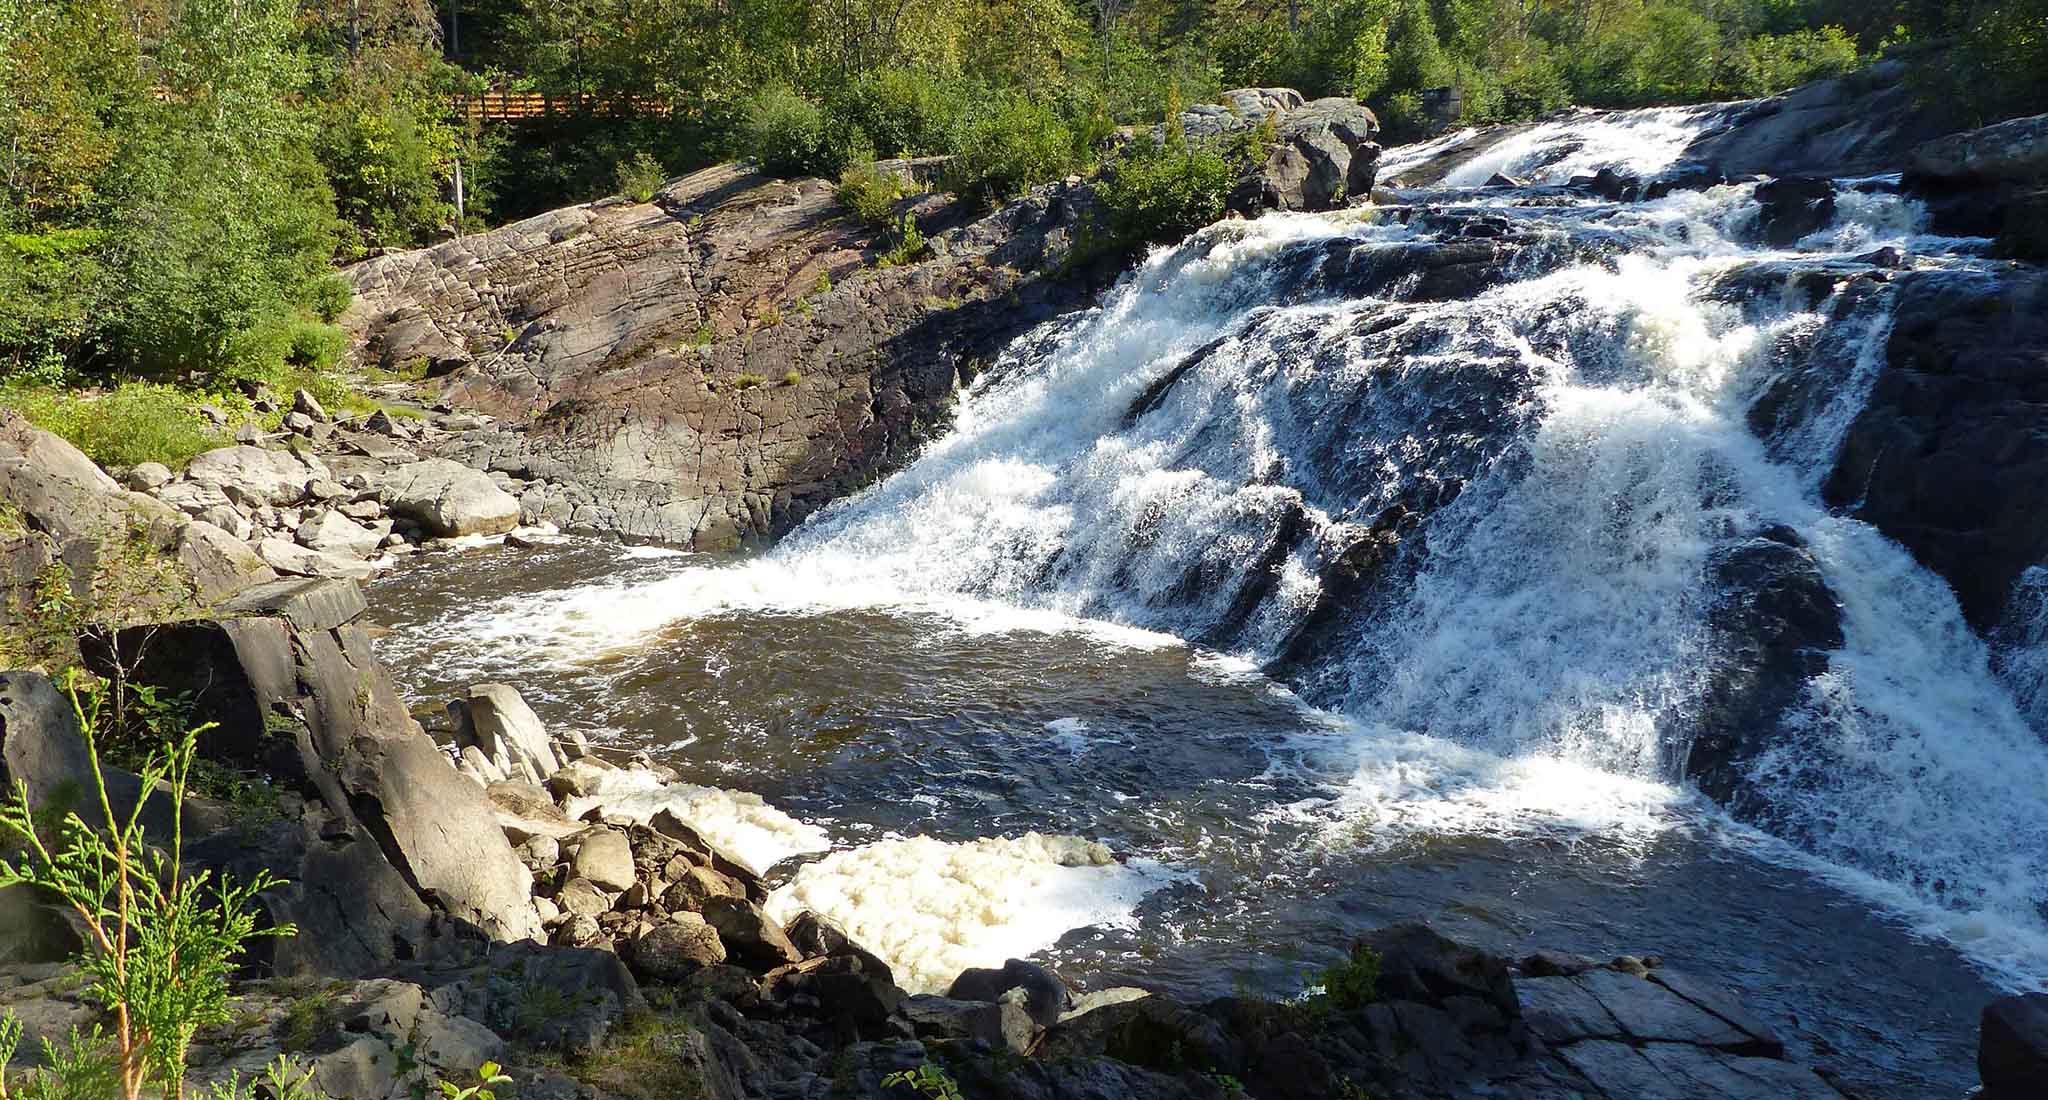 Chutes de la rivière du moulin